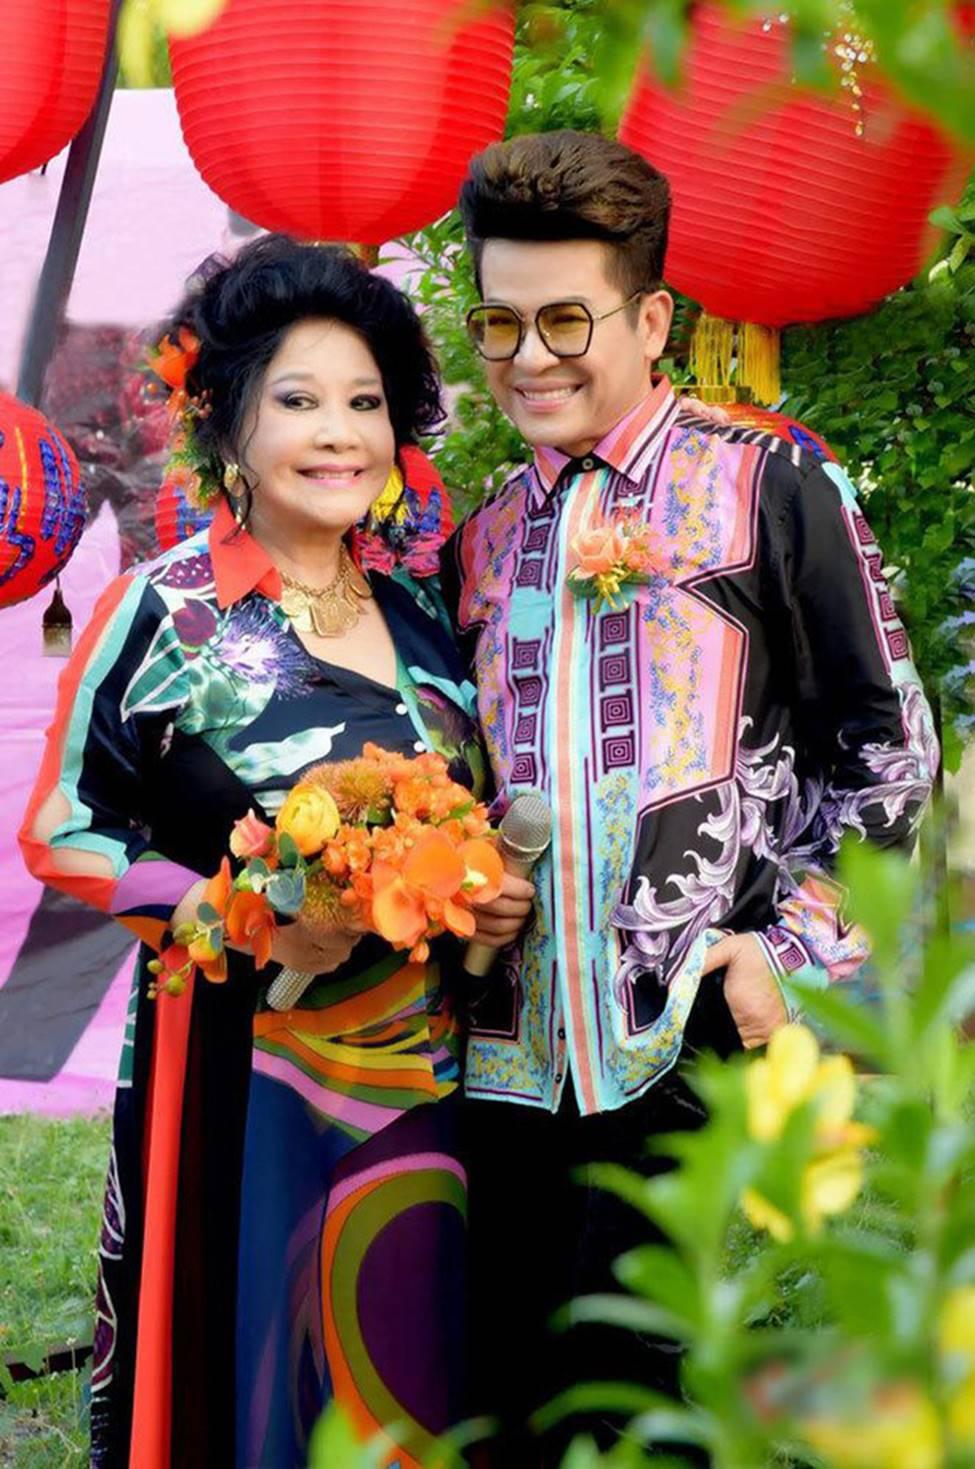 Bà Trùm Thúy Nga - nữ đại gia tổ chức đám cưới 9 lần với MC Thanh Bạch: Thân thế, quyền lực đều không phải dạng vừa-7